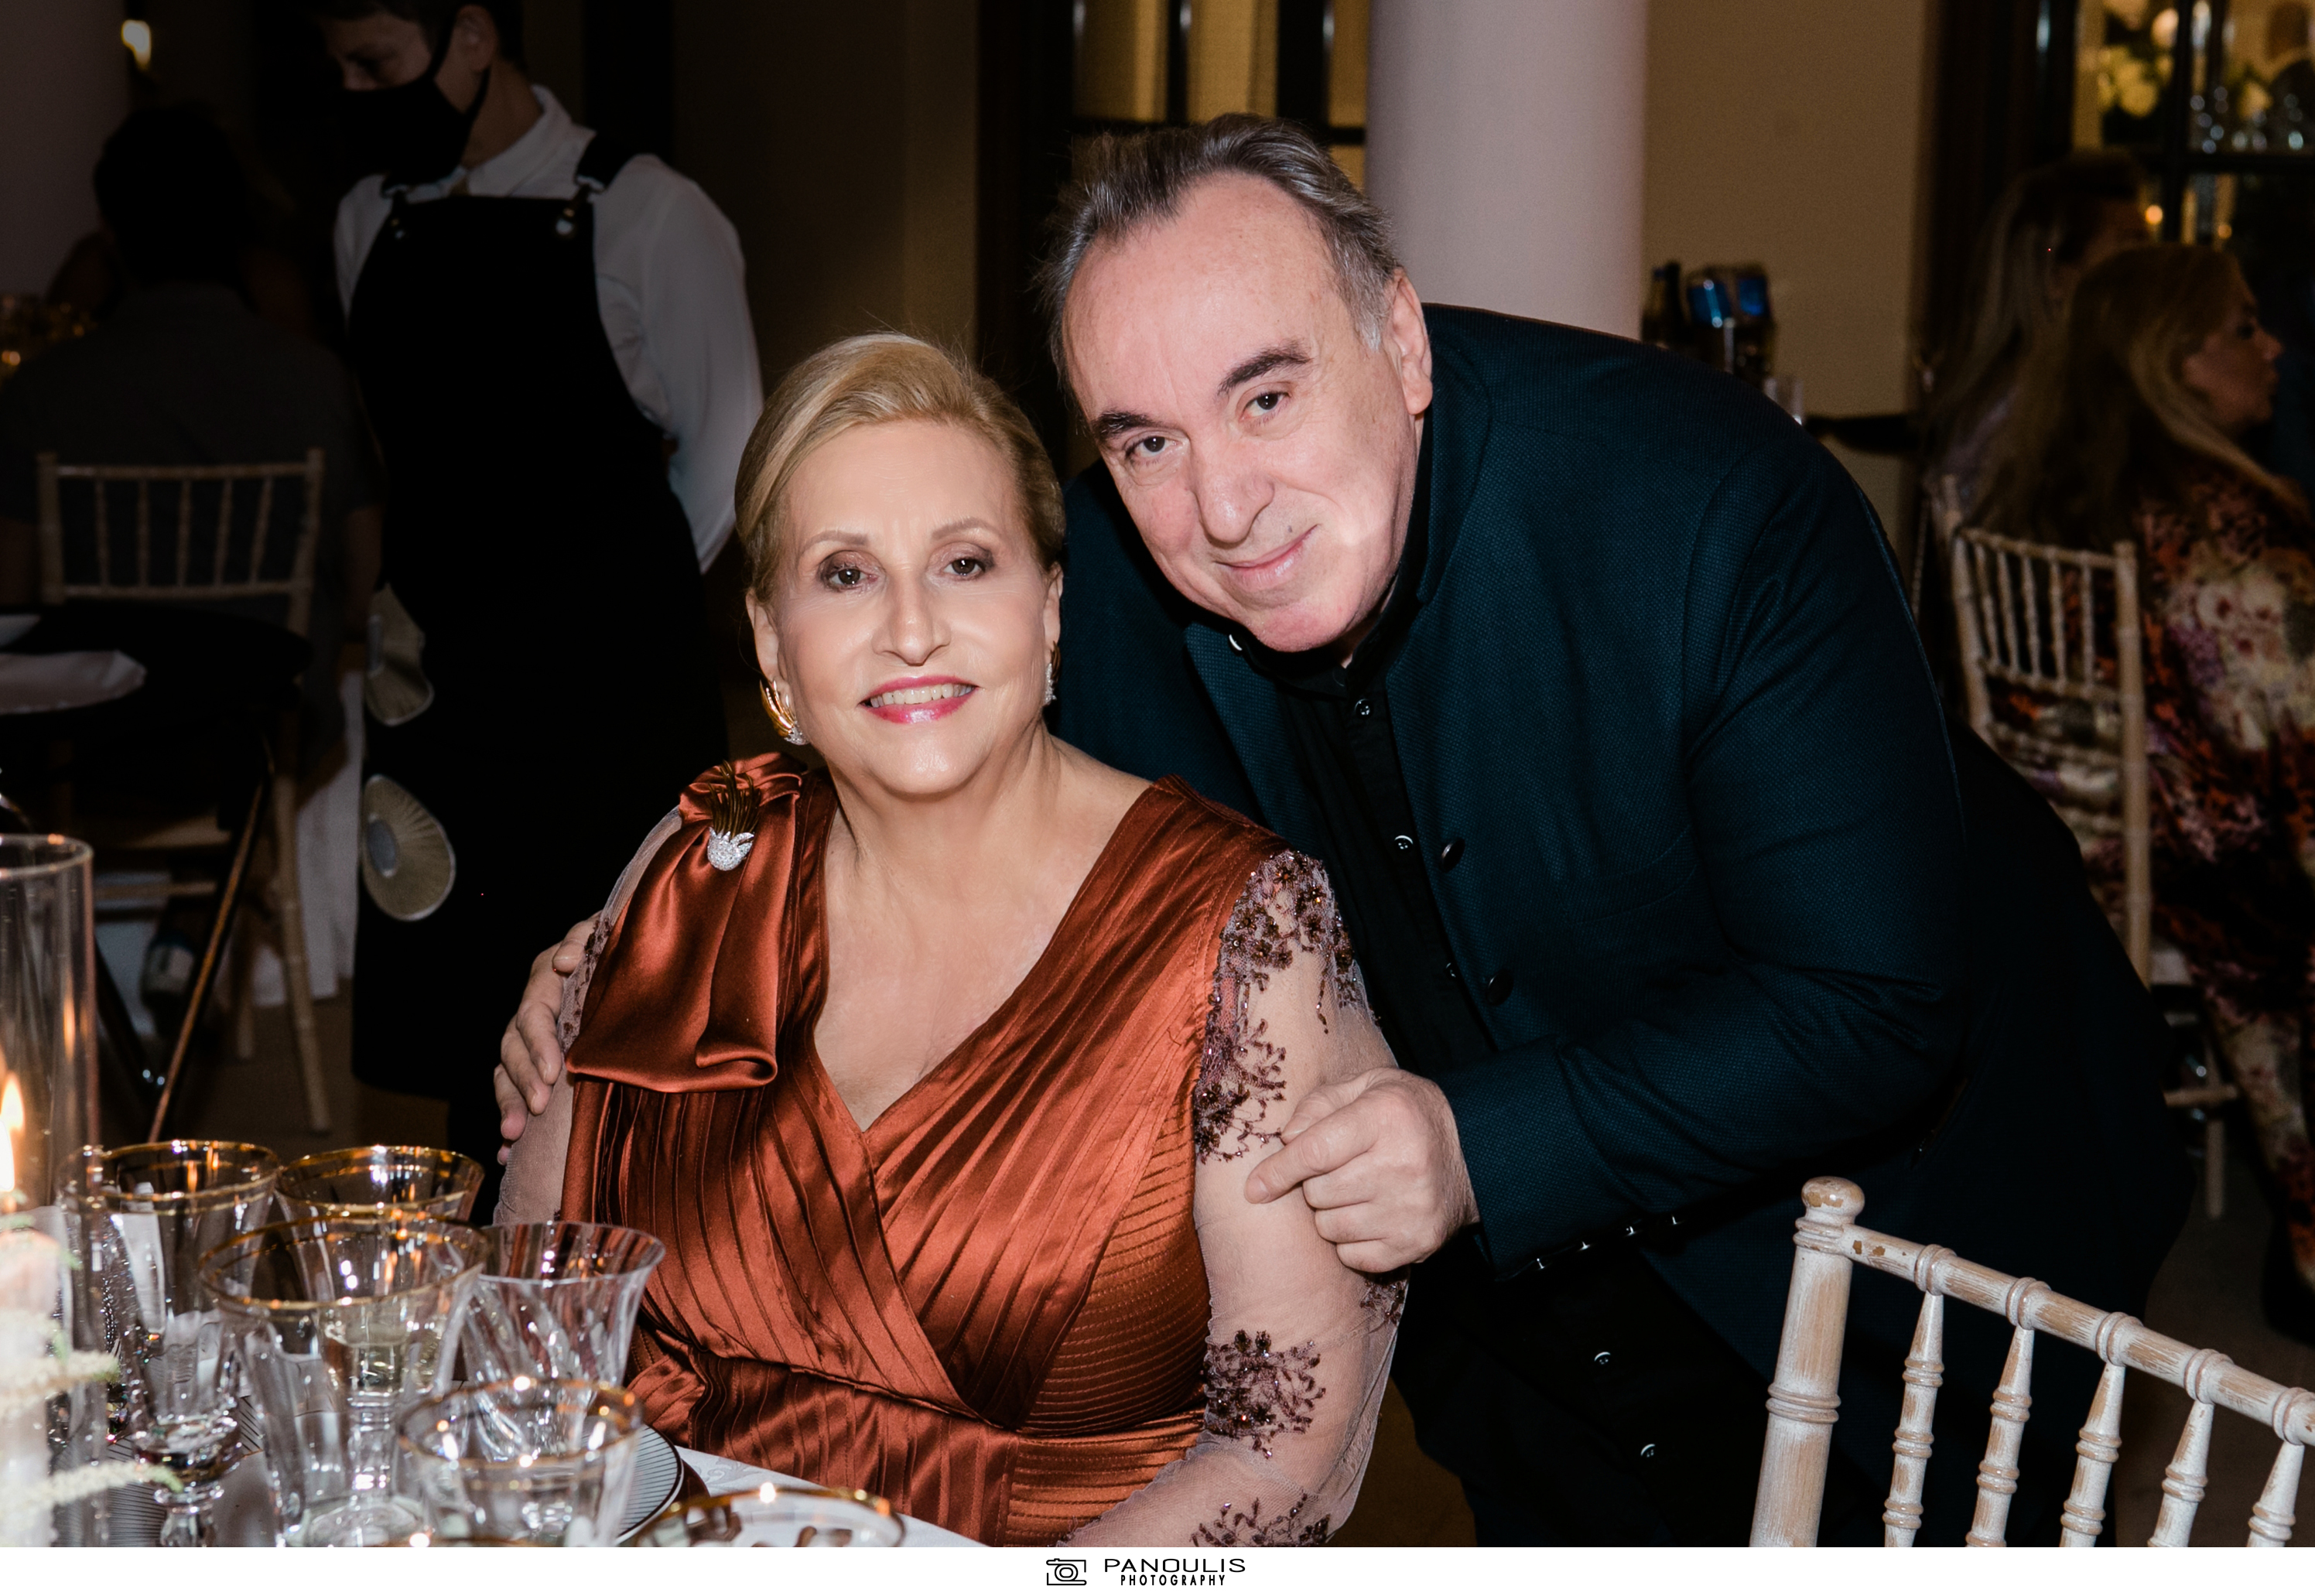 Κλέλια Χατζηιωάννου & Κωνσταντίνος Σκορίλας: Ένας υπέροχος γάμος με λαμπερούς καλεσμένους 20